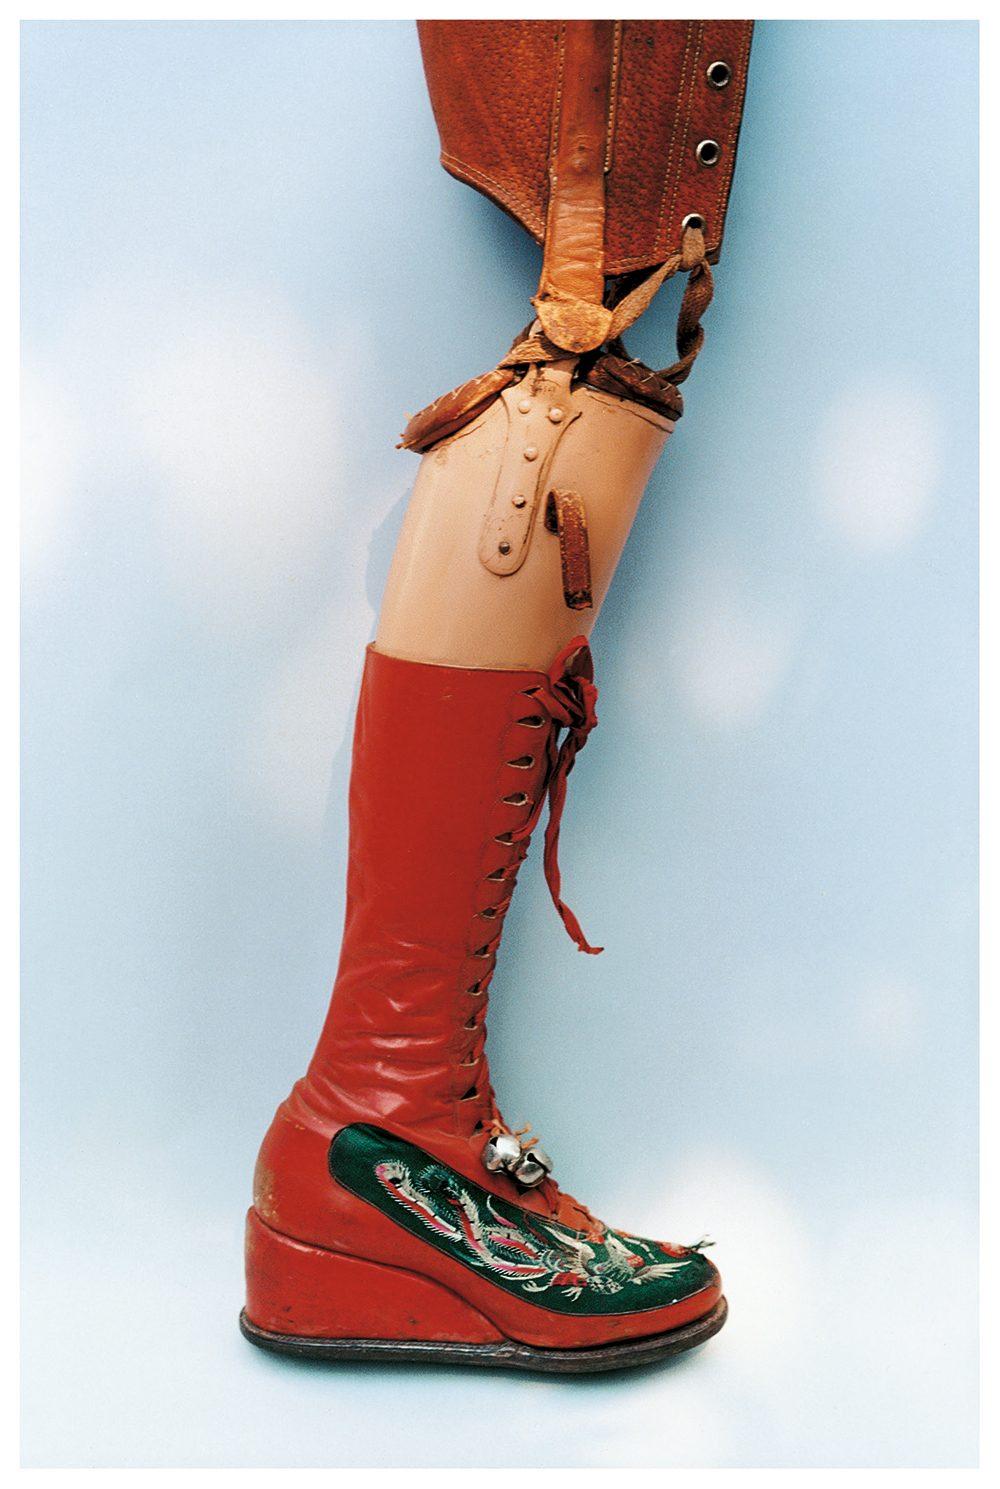 石内都《Frida by Ishiuchi #36》2012年